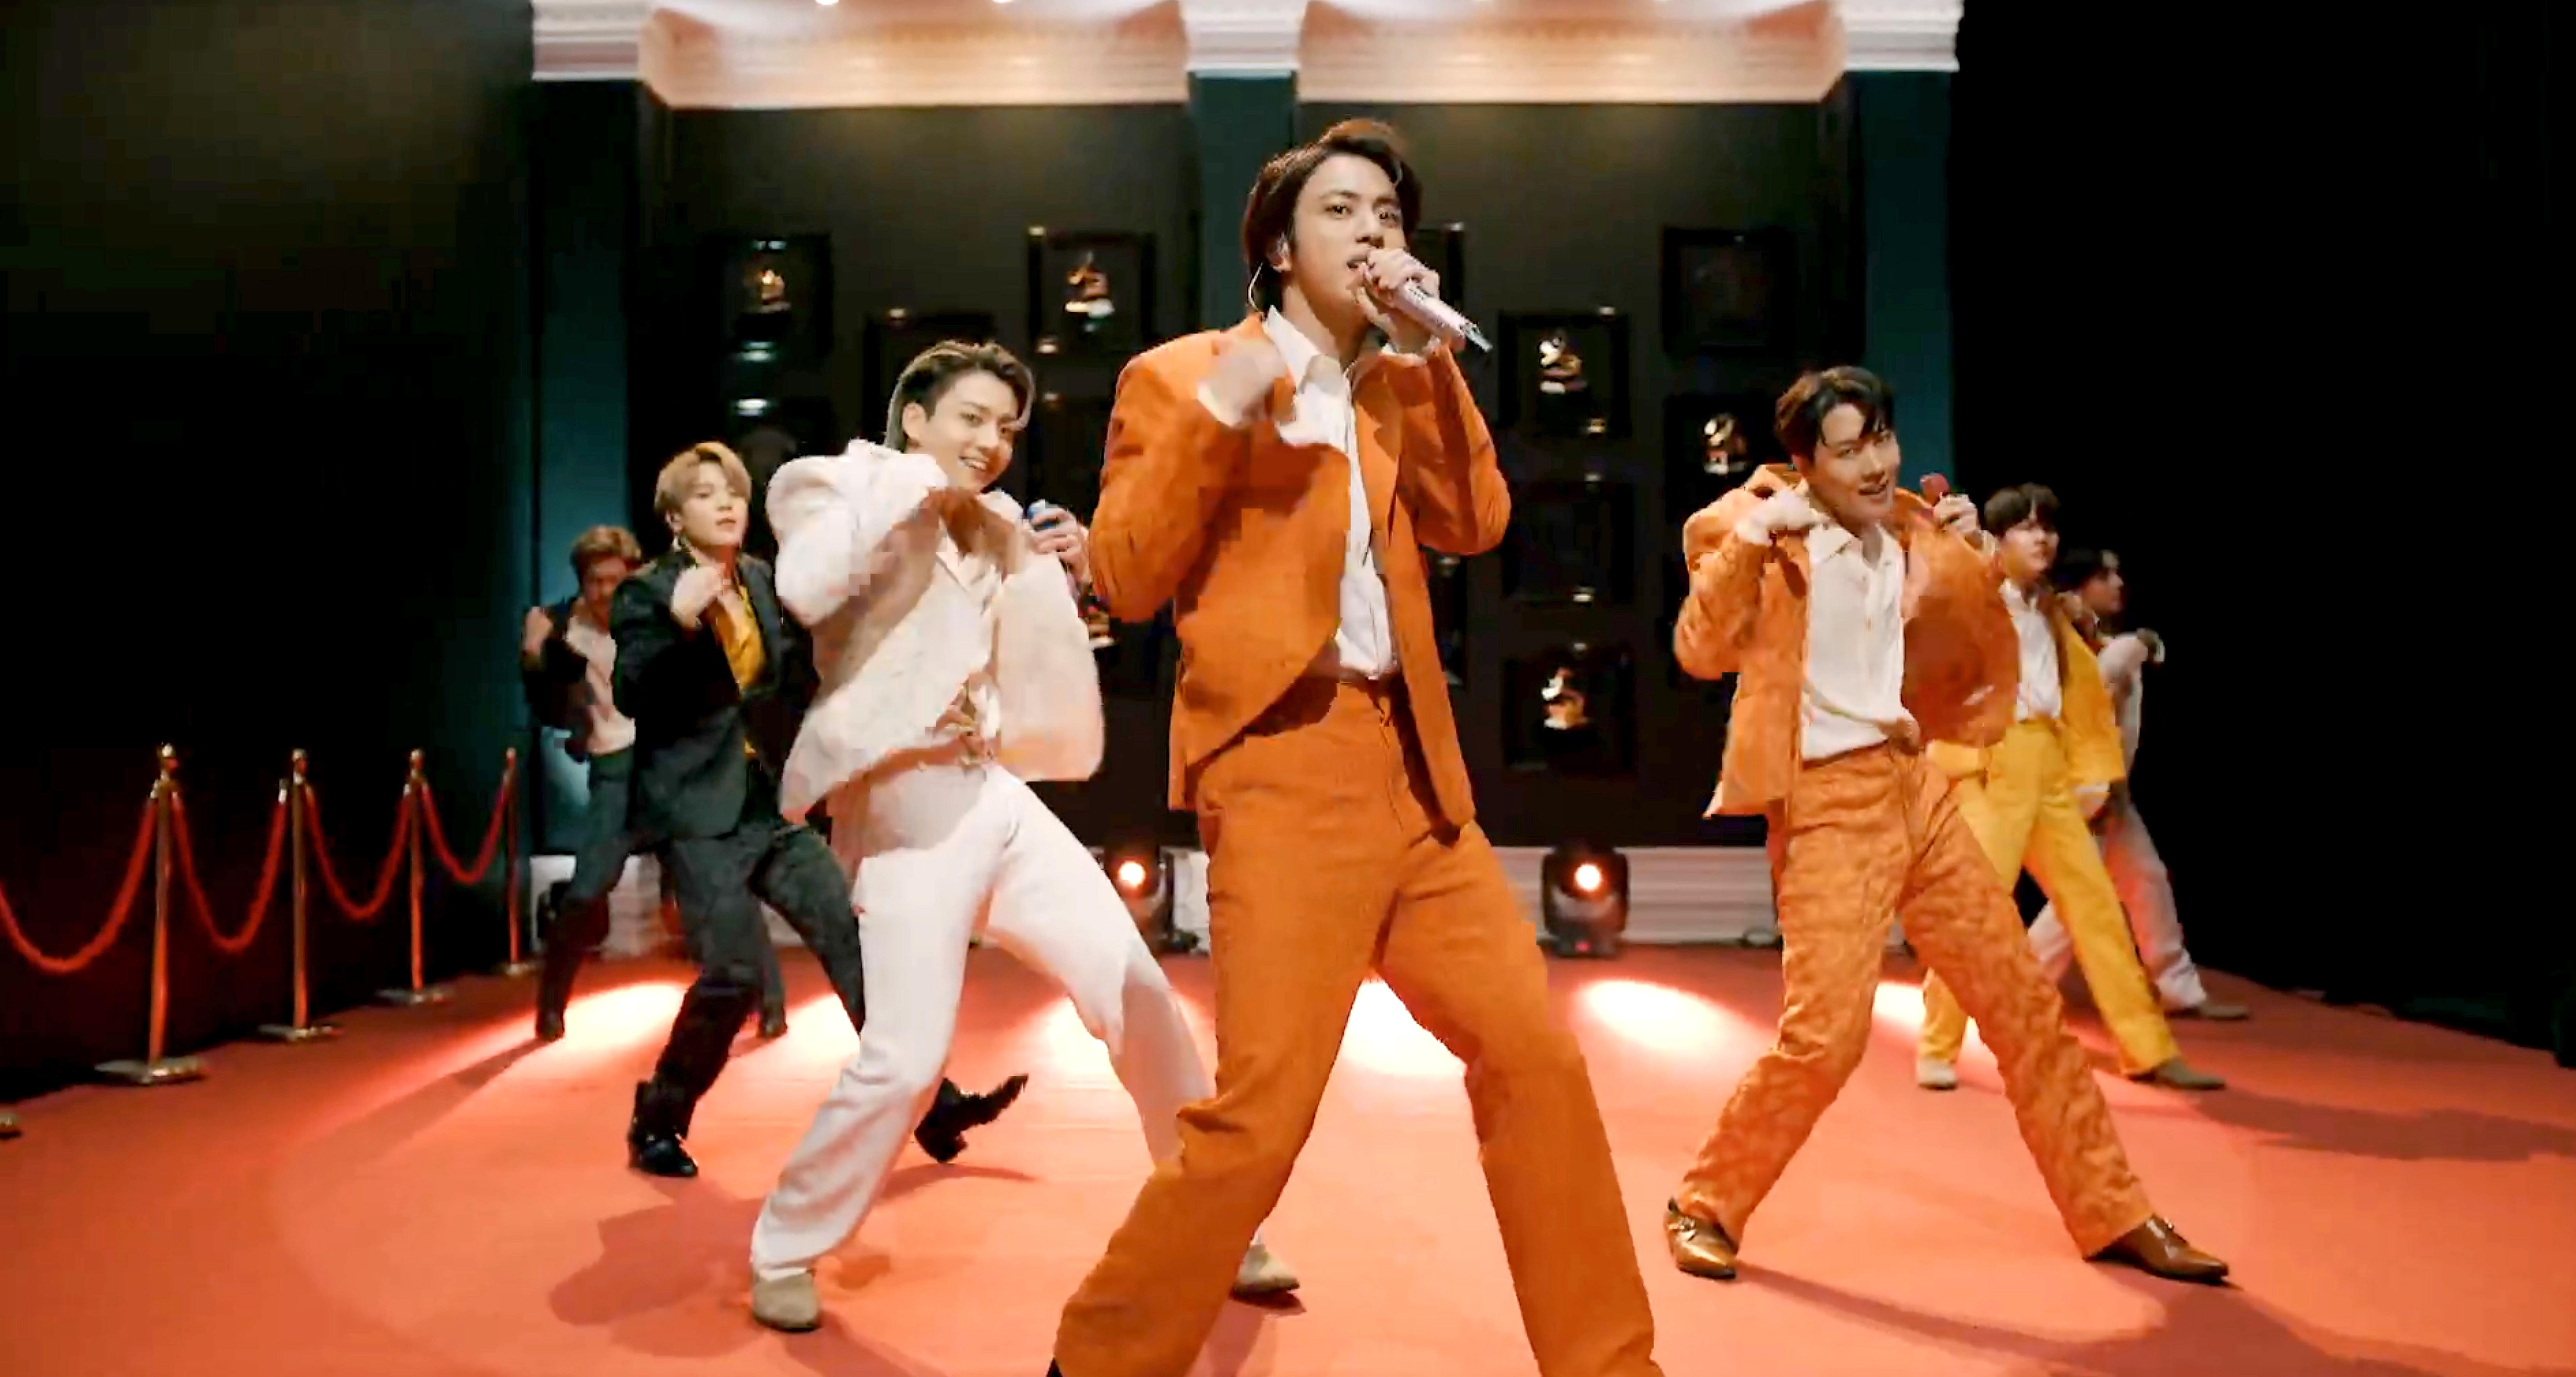 K pop group BTS will join U.N. meeting in N.Y. as special envoys